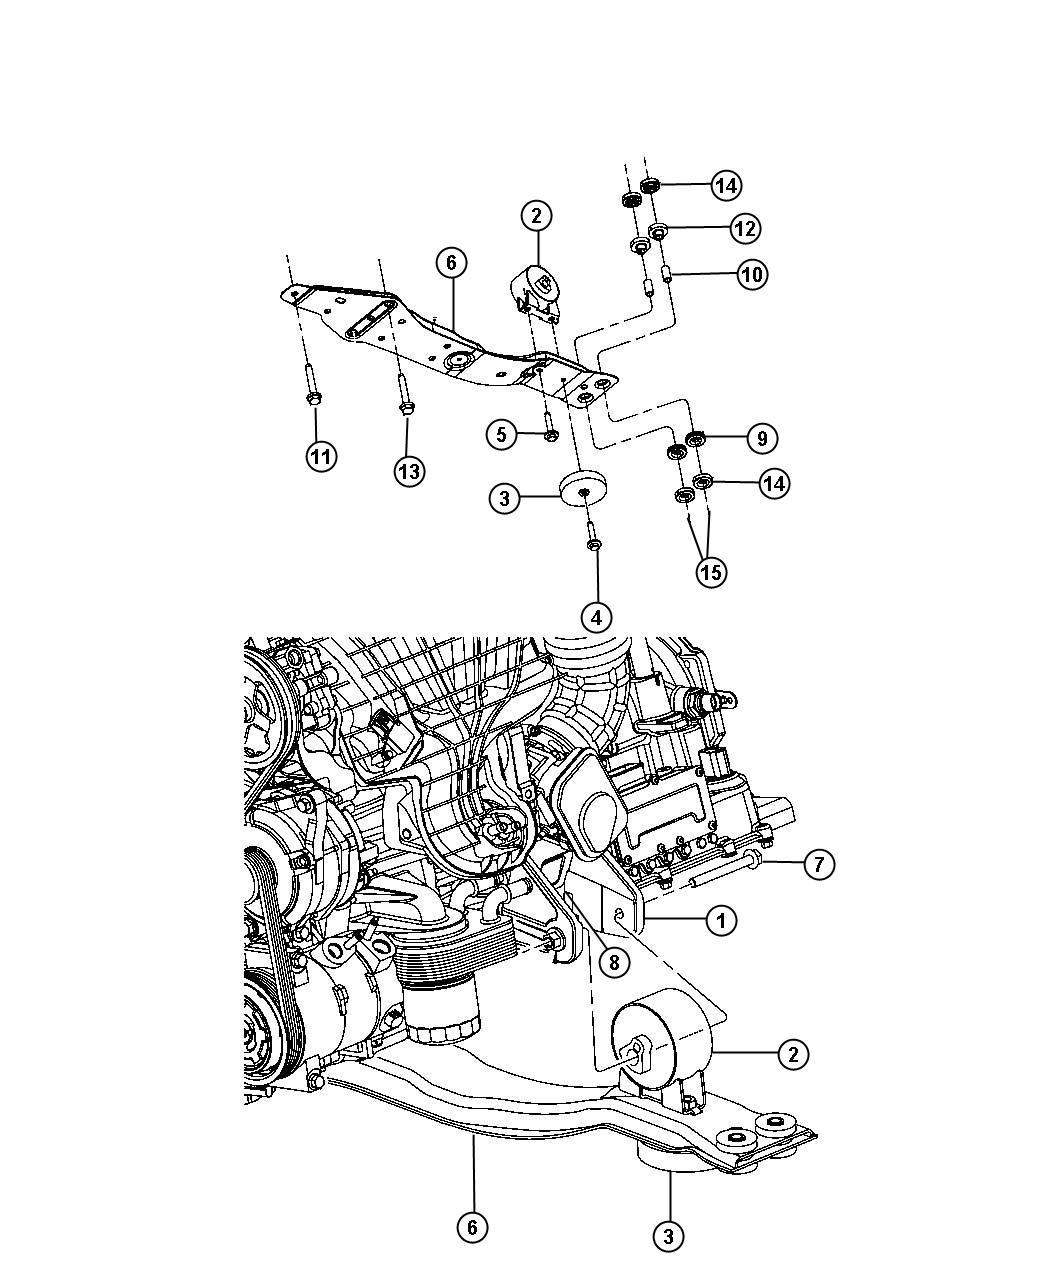 2008 Dodge Avenger Engine Mounting Front FWD 2.4L [2.4L I4 ...